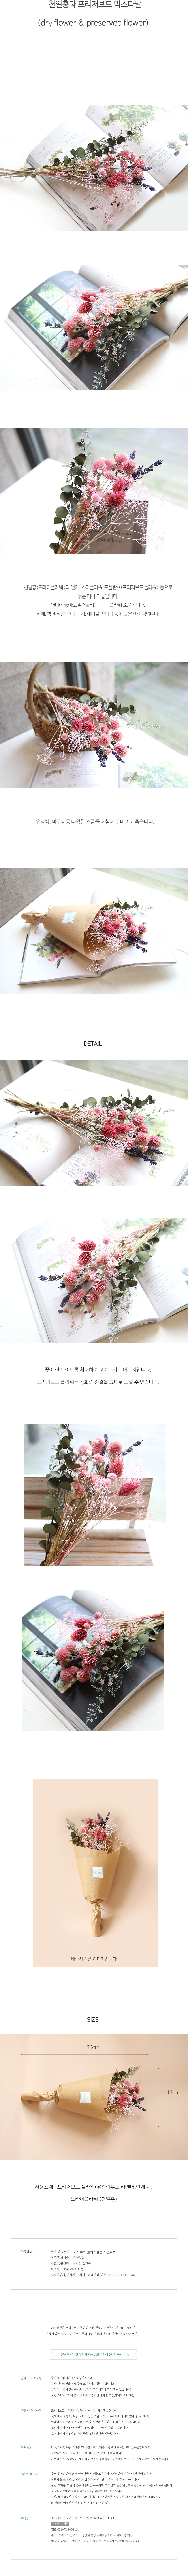 천일홍과 프리저브드믹스다발 - 더봄, 12,150원, 조화, 프리저브드